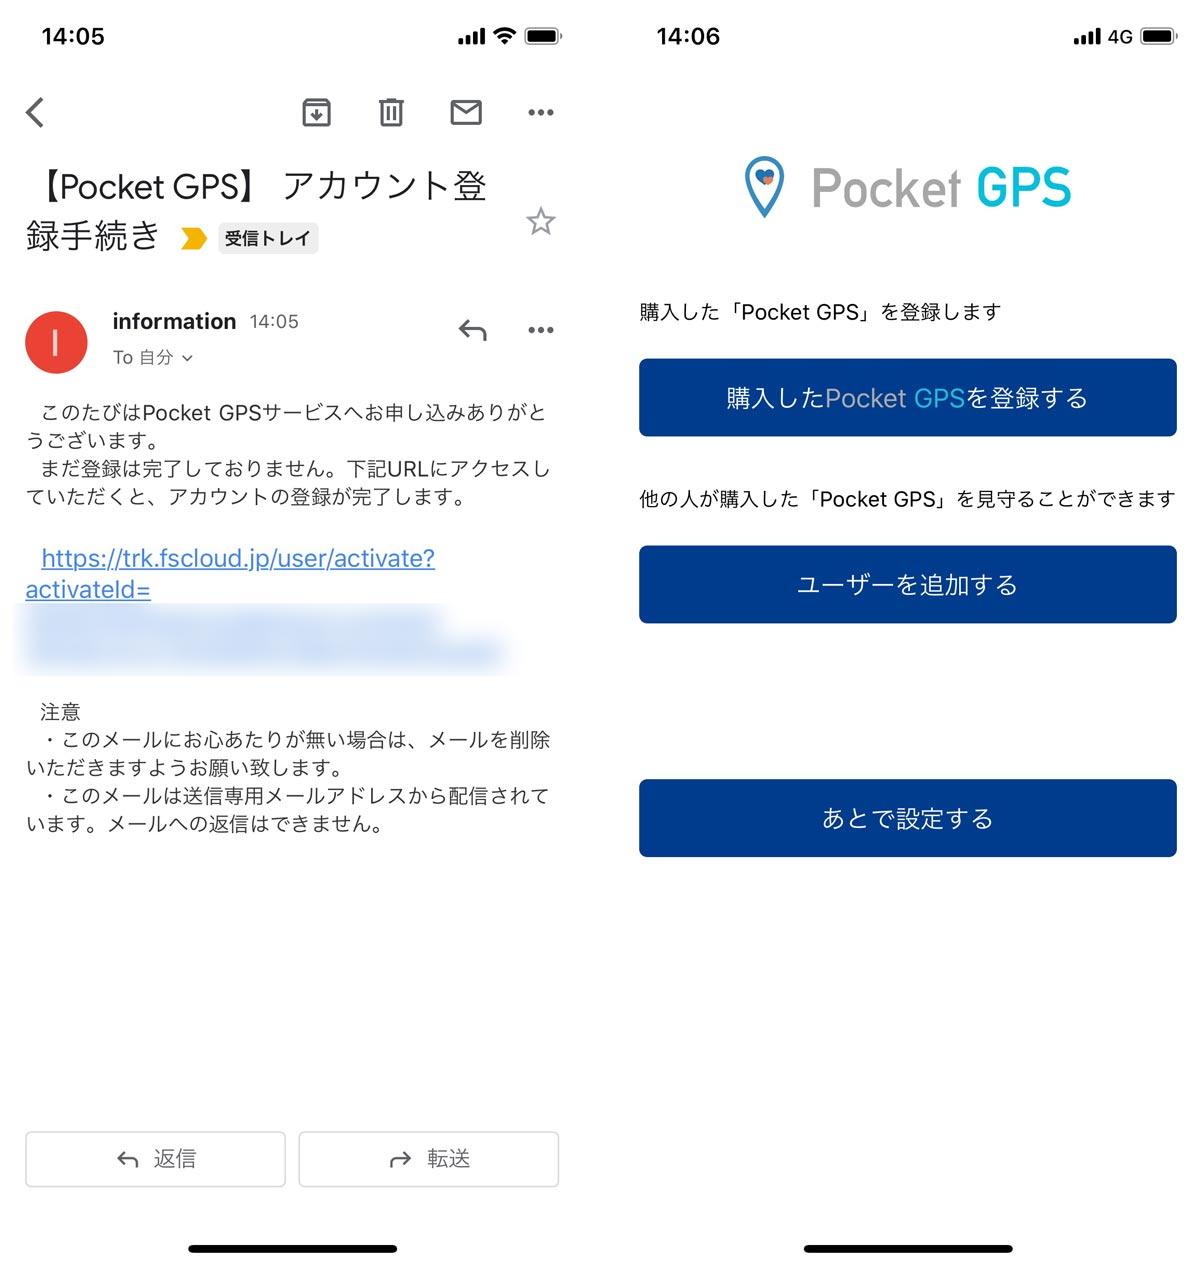 購入したPocked GPSを登録する